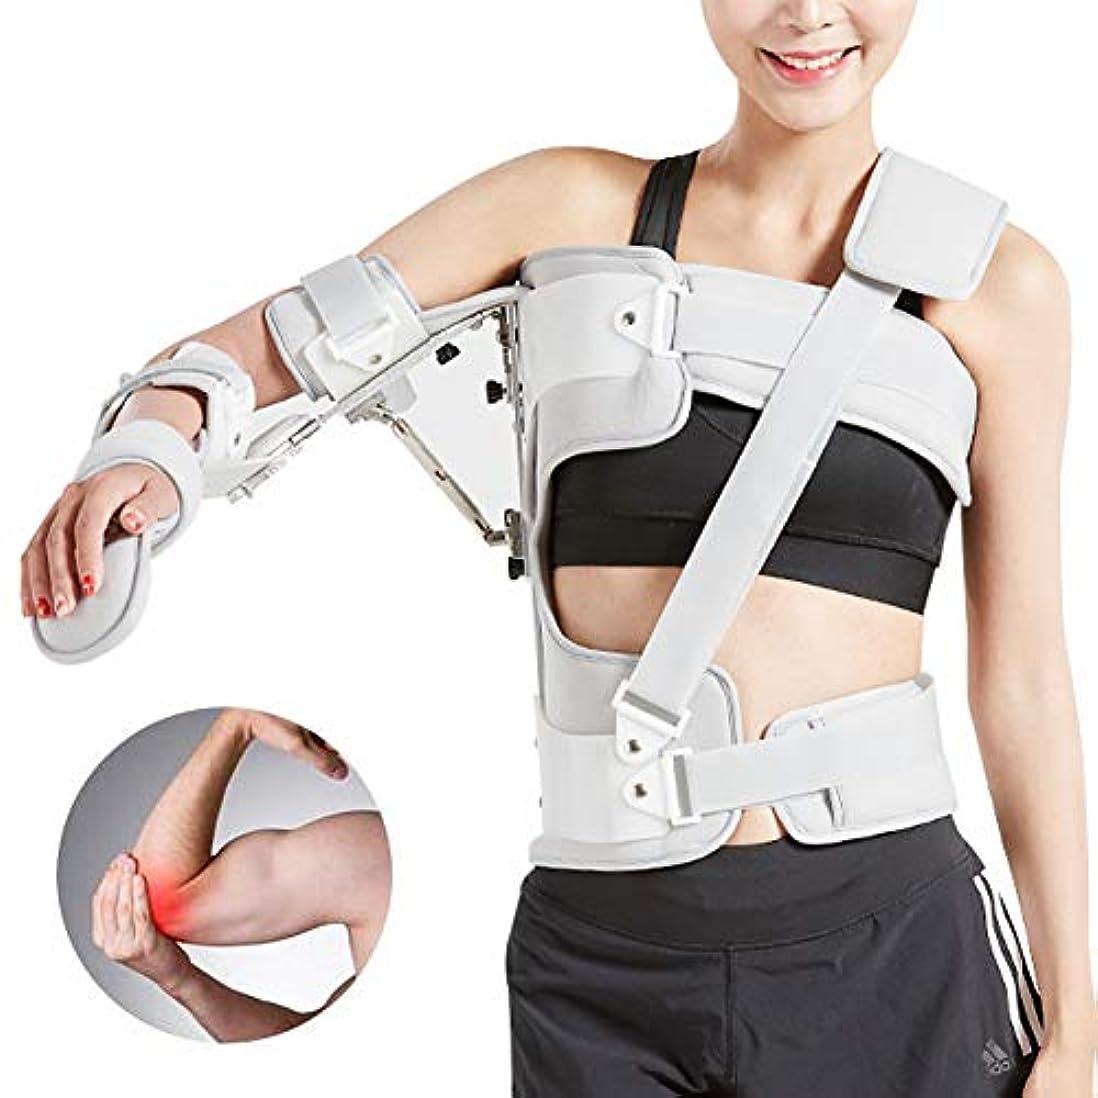 擬人エクステント岩調節可能なアームスリング外転枕骨折肘サポートブレース、傷害回復アーム固定、転位回旋腱板滑液包炎腱炎、ワンサイズ - ユニセックス